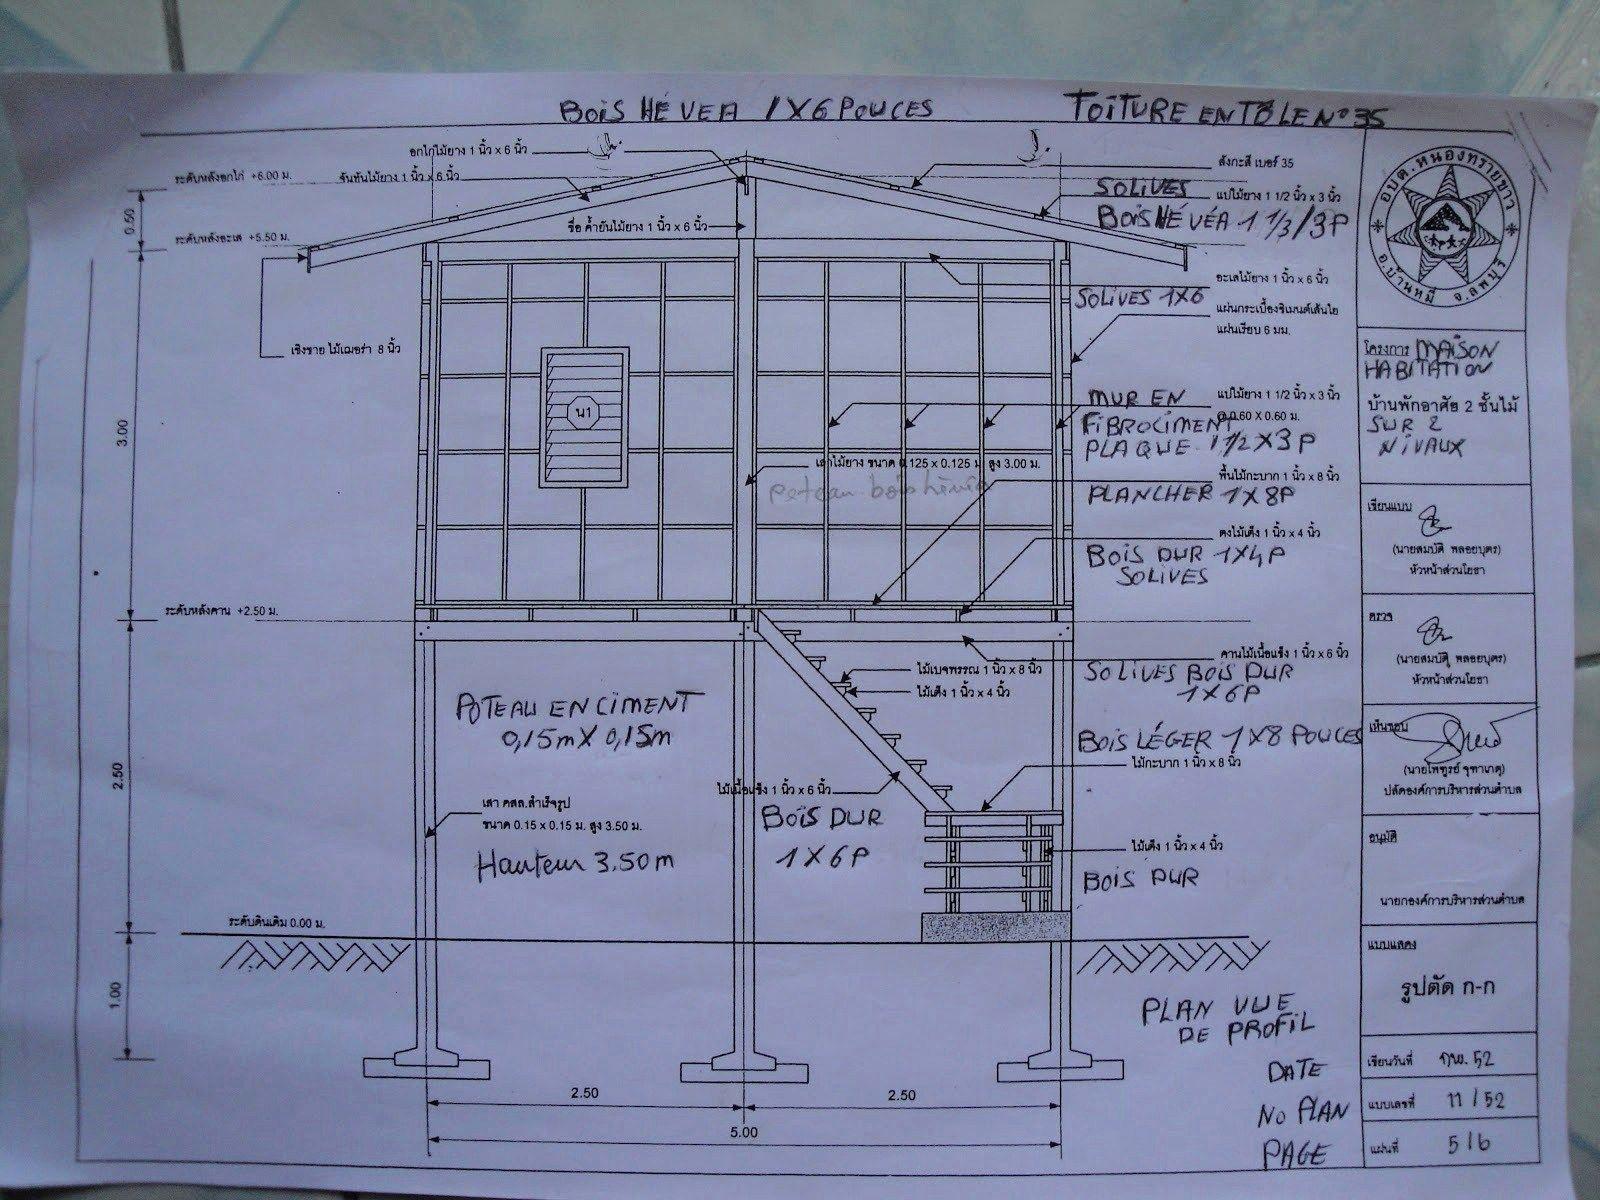 35 Dessiner Plan Electrique Maison | Electrical plan, House plans, How to plan